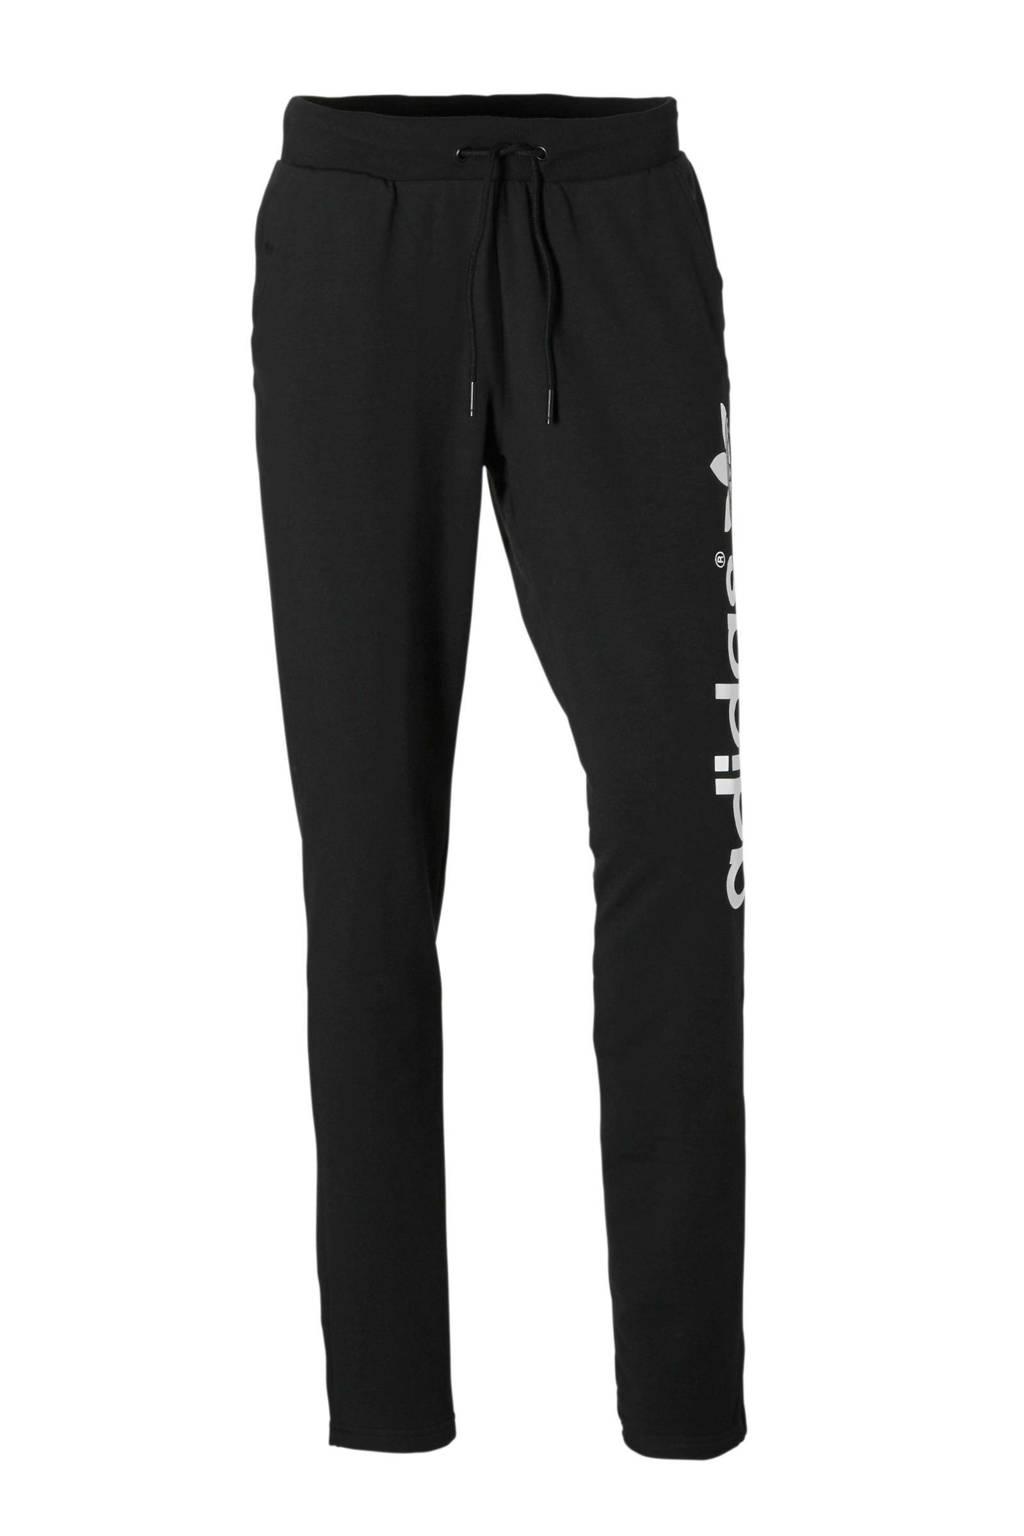 Joggingbroek Zwart Dames.Adidas Originals Joggingbroek Wehkamp